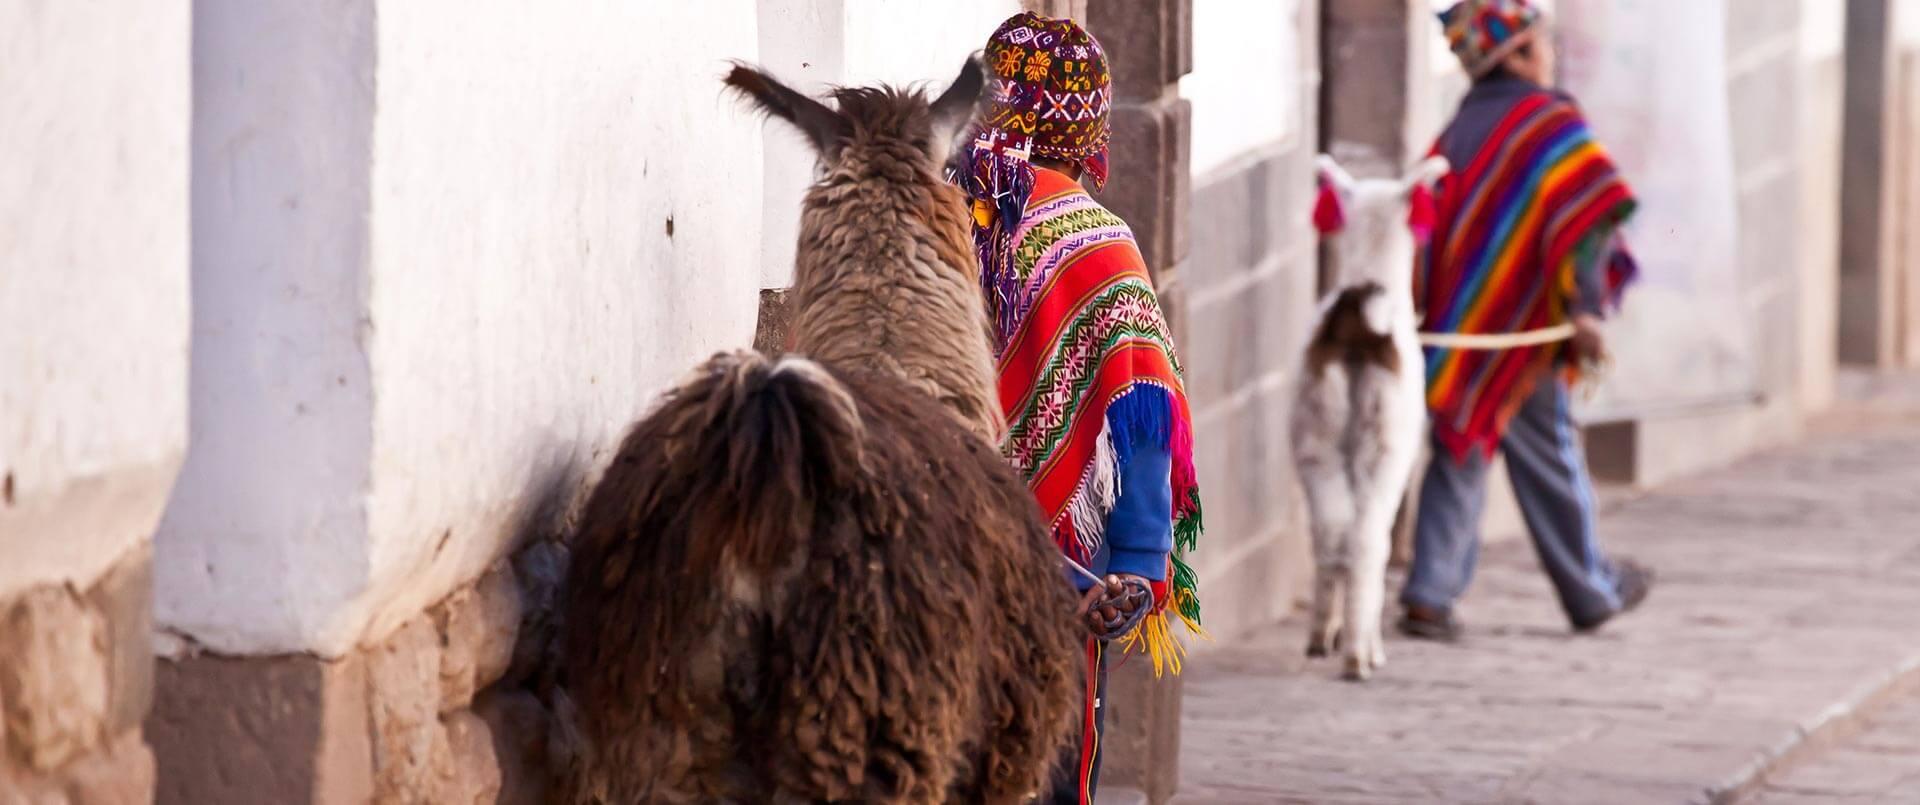 Peru: Land of the Conquistadors